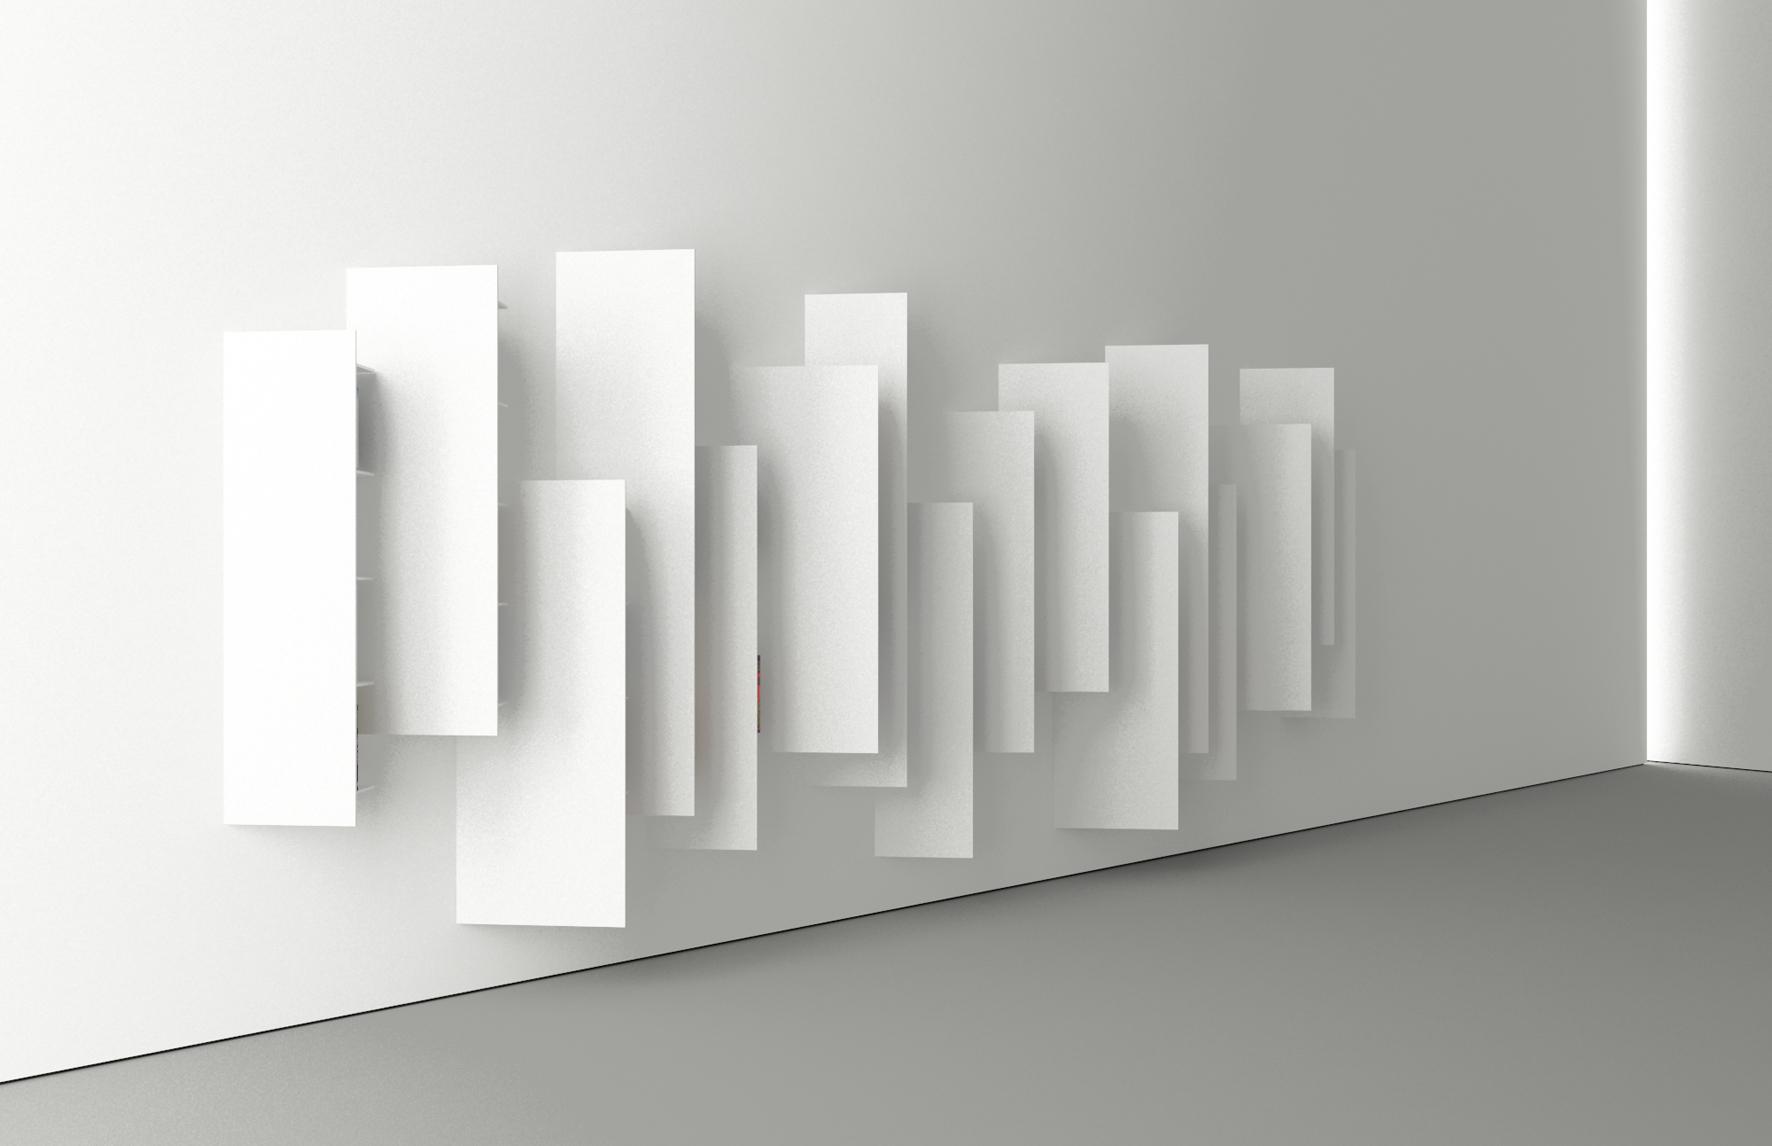 Coup de c ur une biblioth que minimaliste par victor for Oeuvre minimaliste